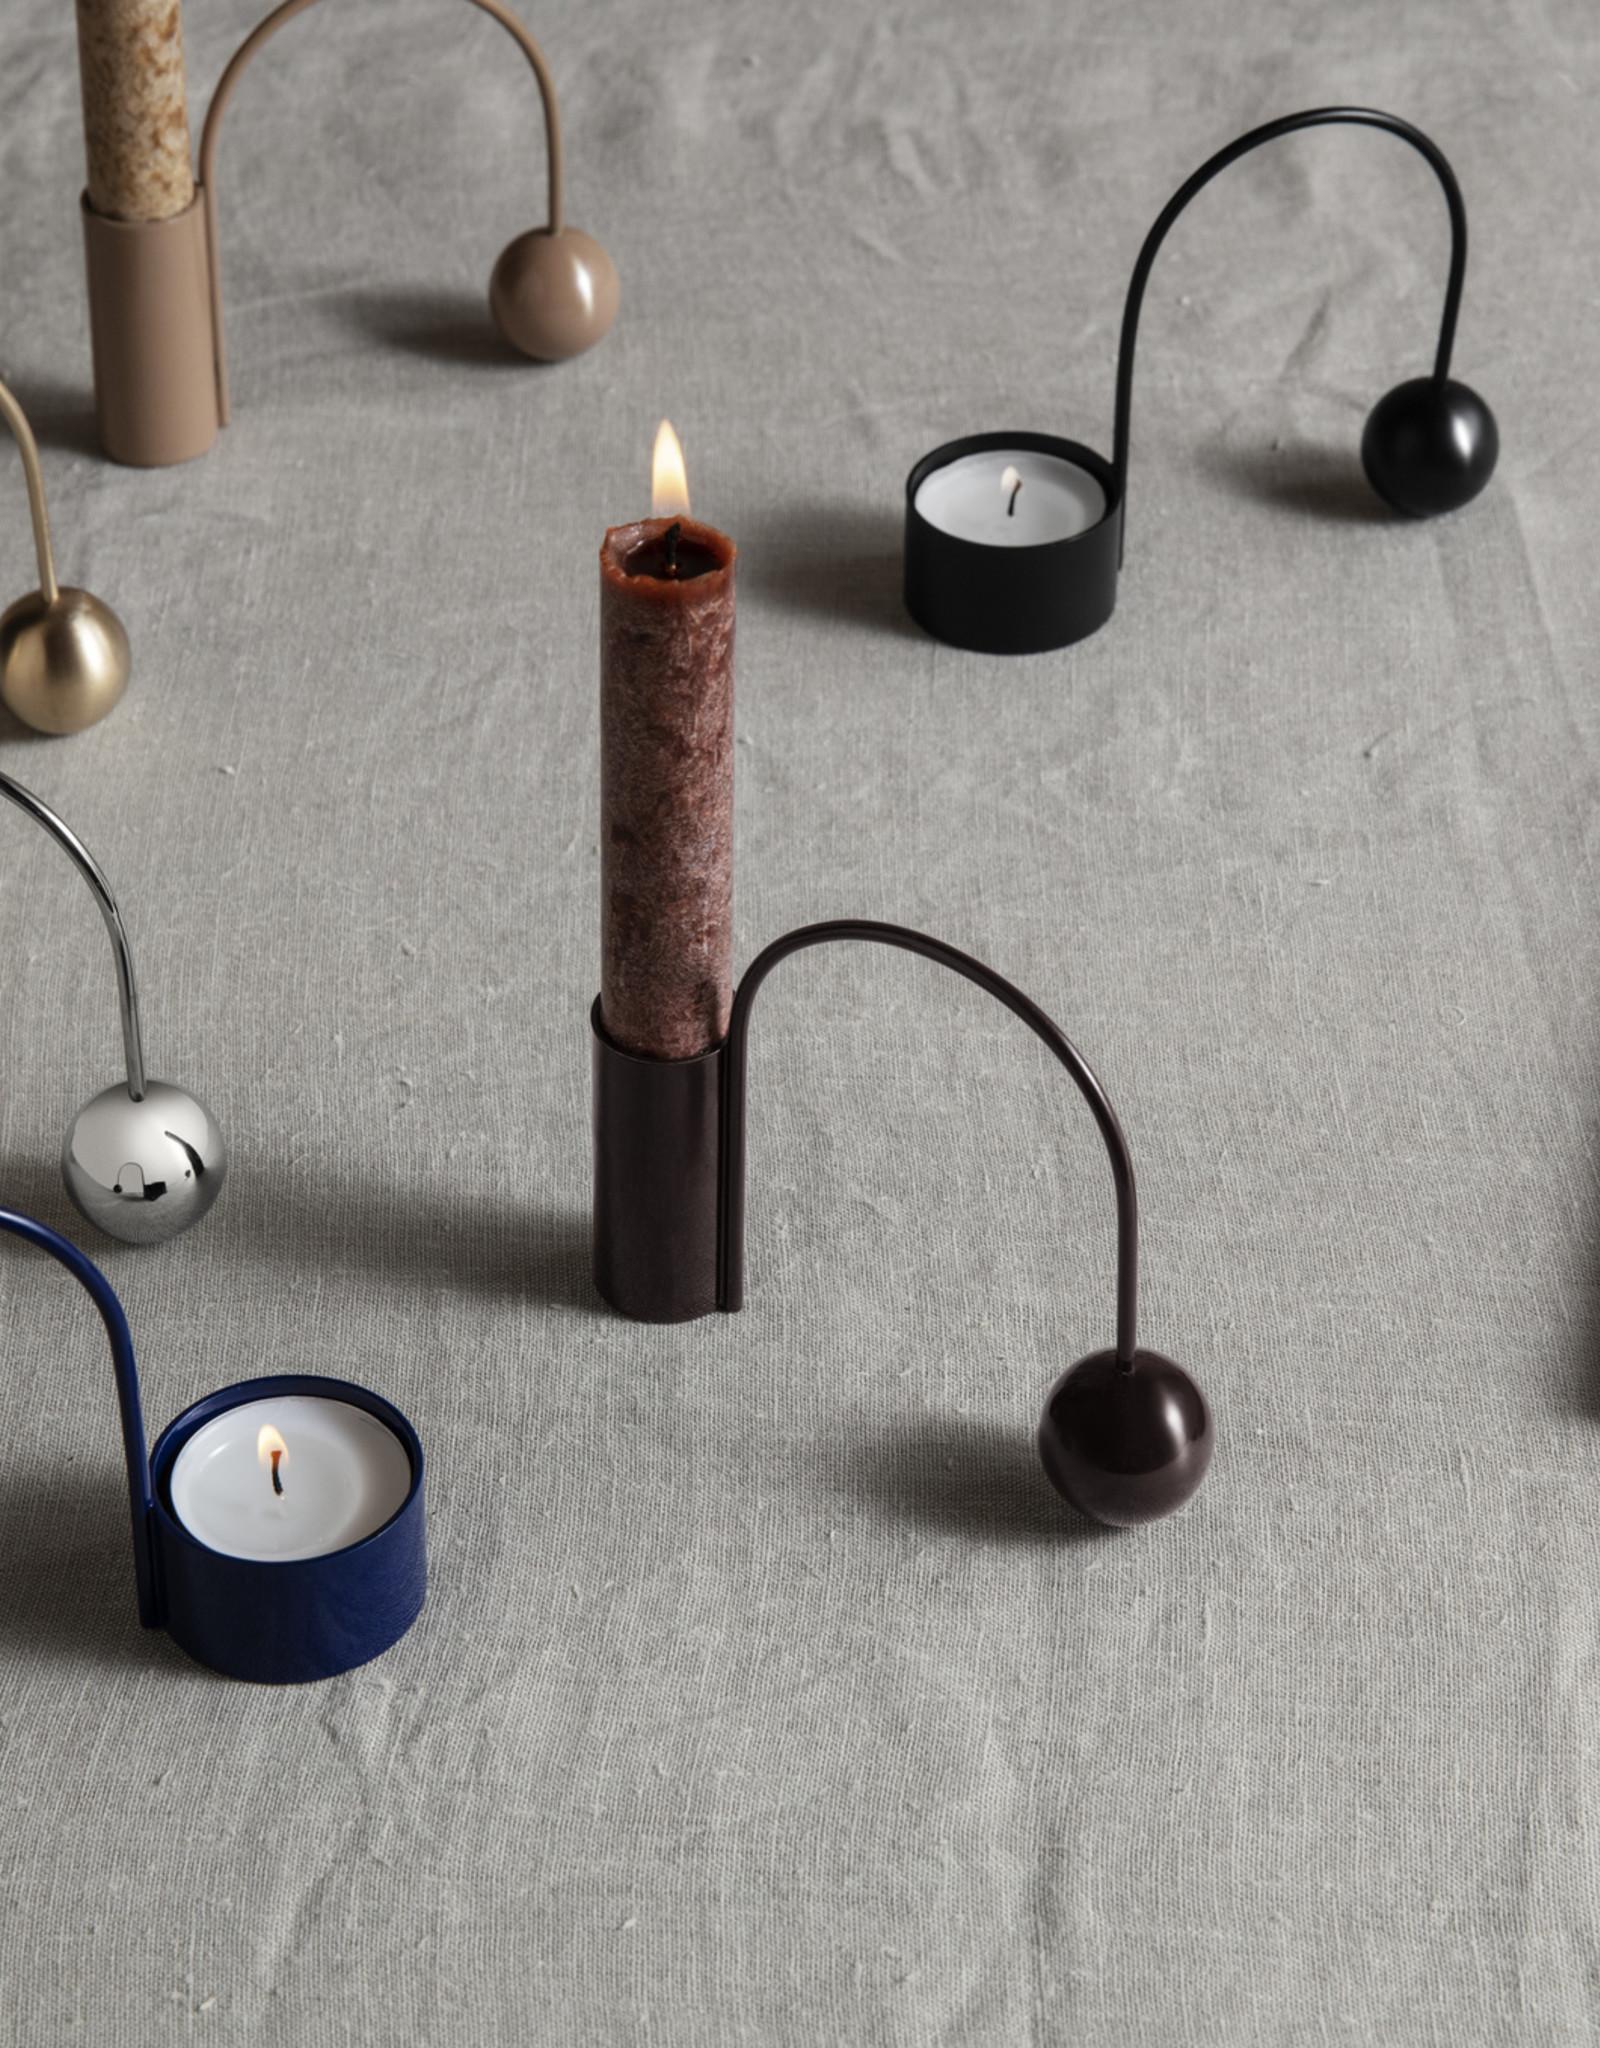 Ferm LIVING Ferm Living Balance Candle Holder - Black Brass